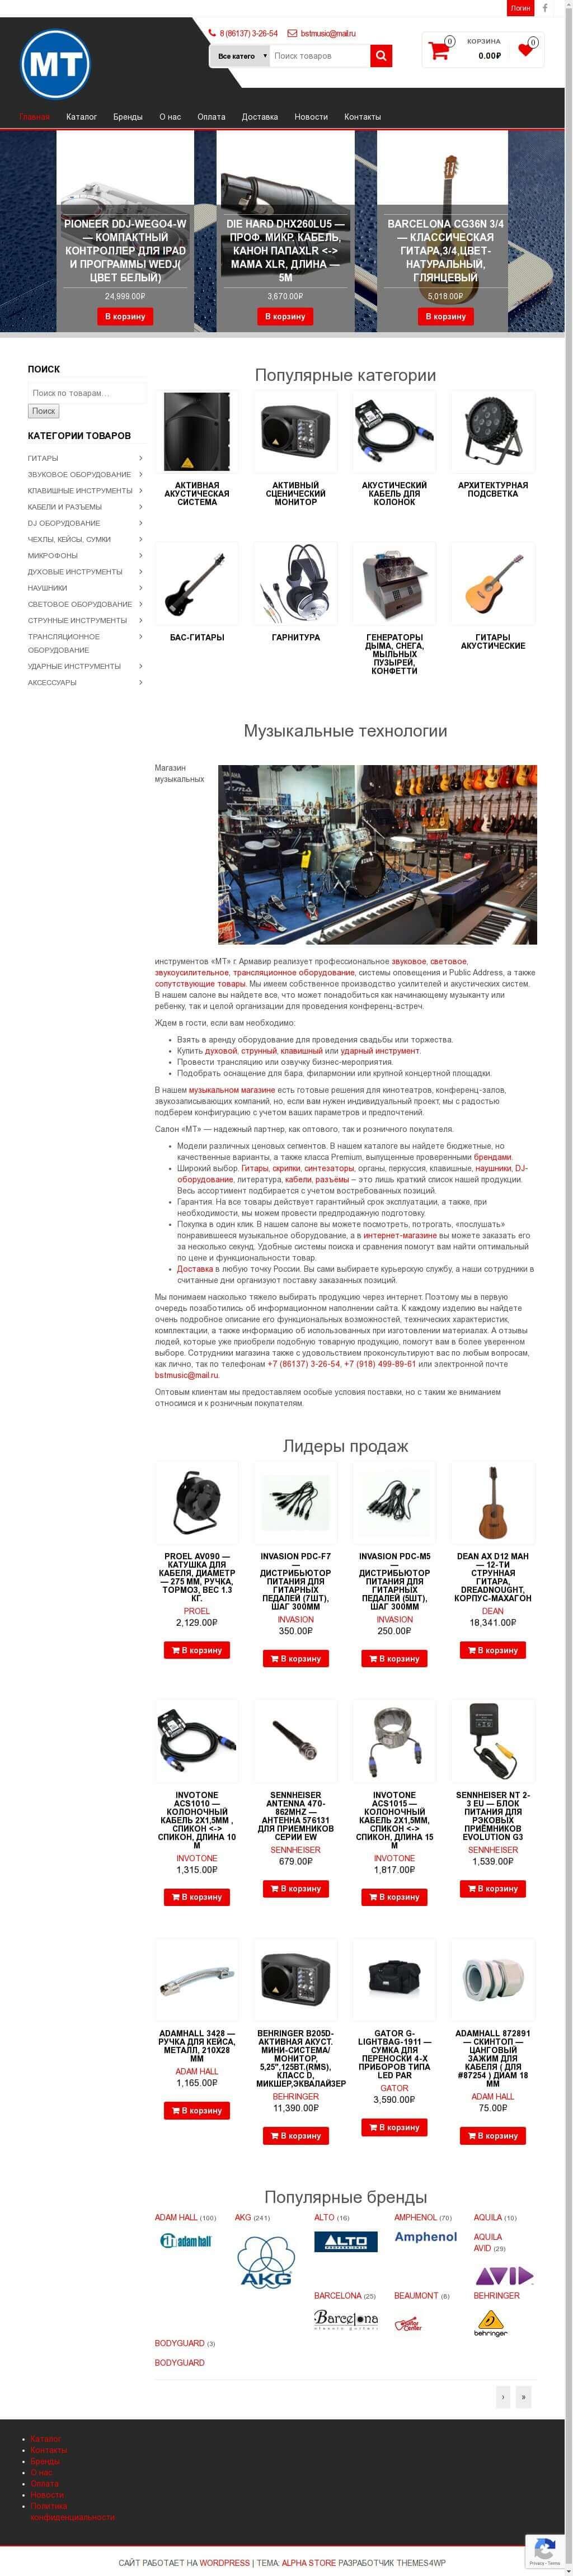 Магазин музыкальных инструментов Музыкальные технологии